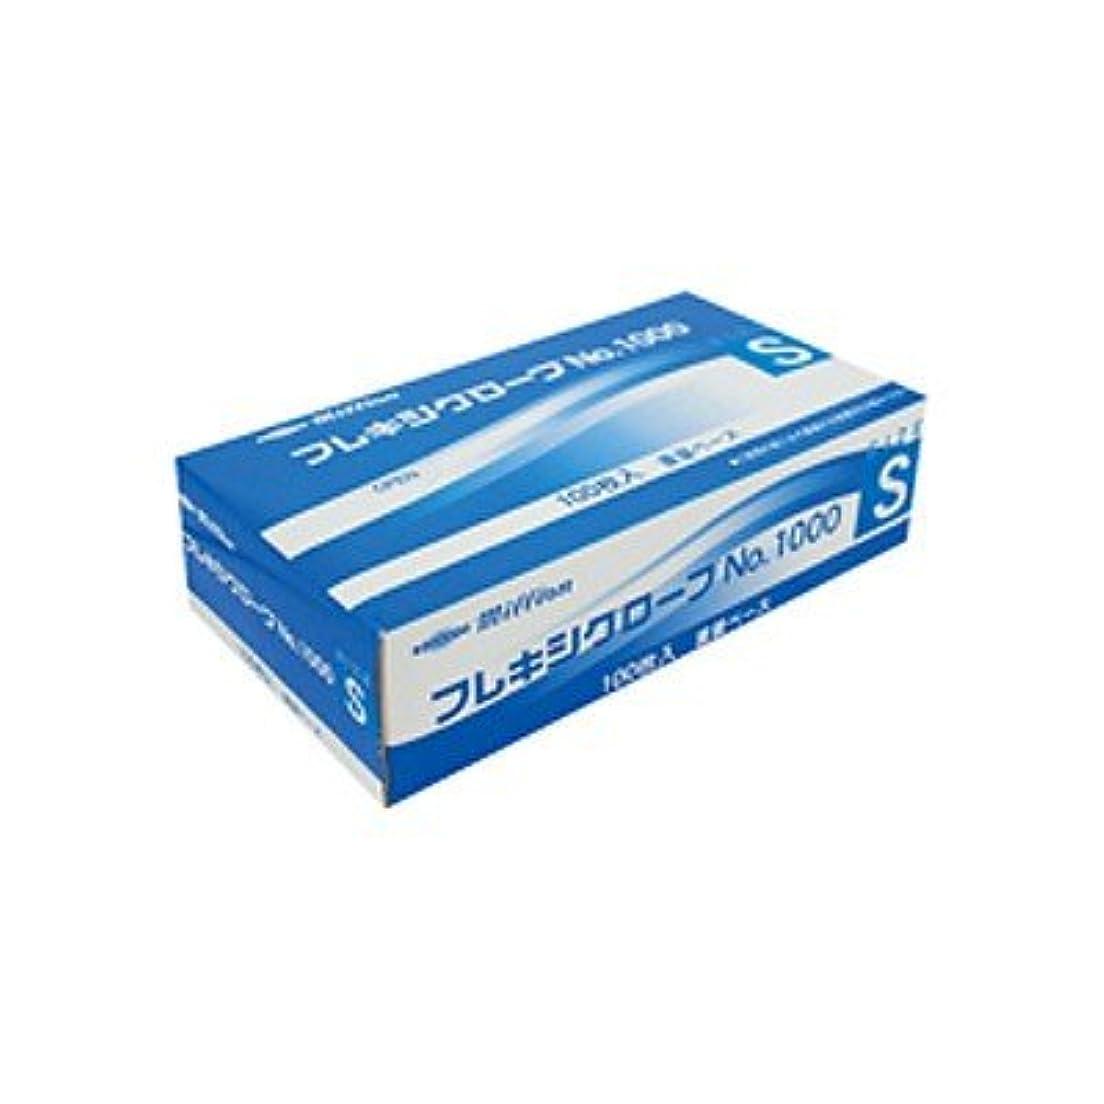 クリークエアコン血まみれのミリオン プラスチック手袋 粉付No.1000 S 品番:LH-1000-S 注文番号:62741552 メーカー:共和